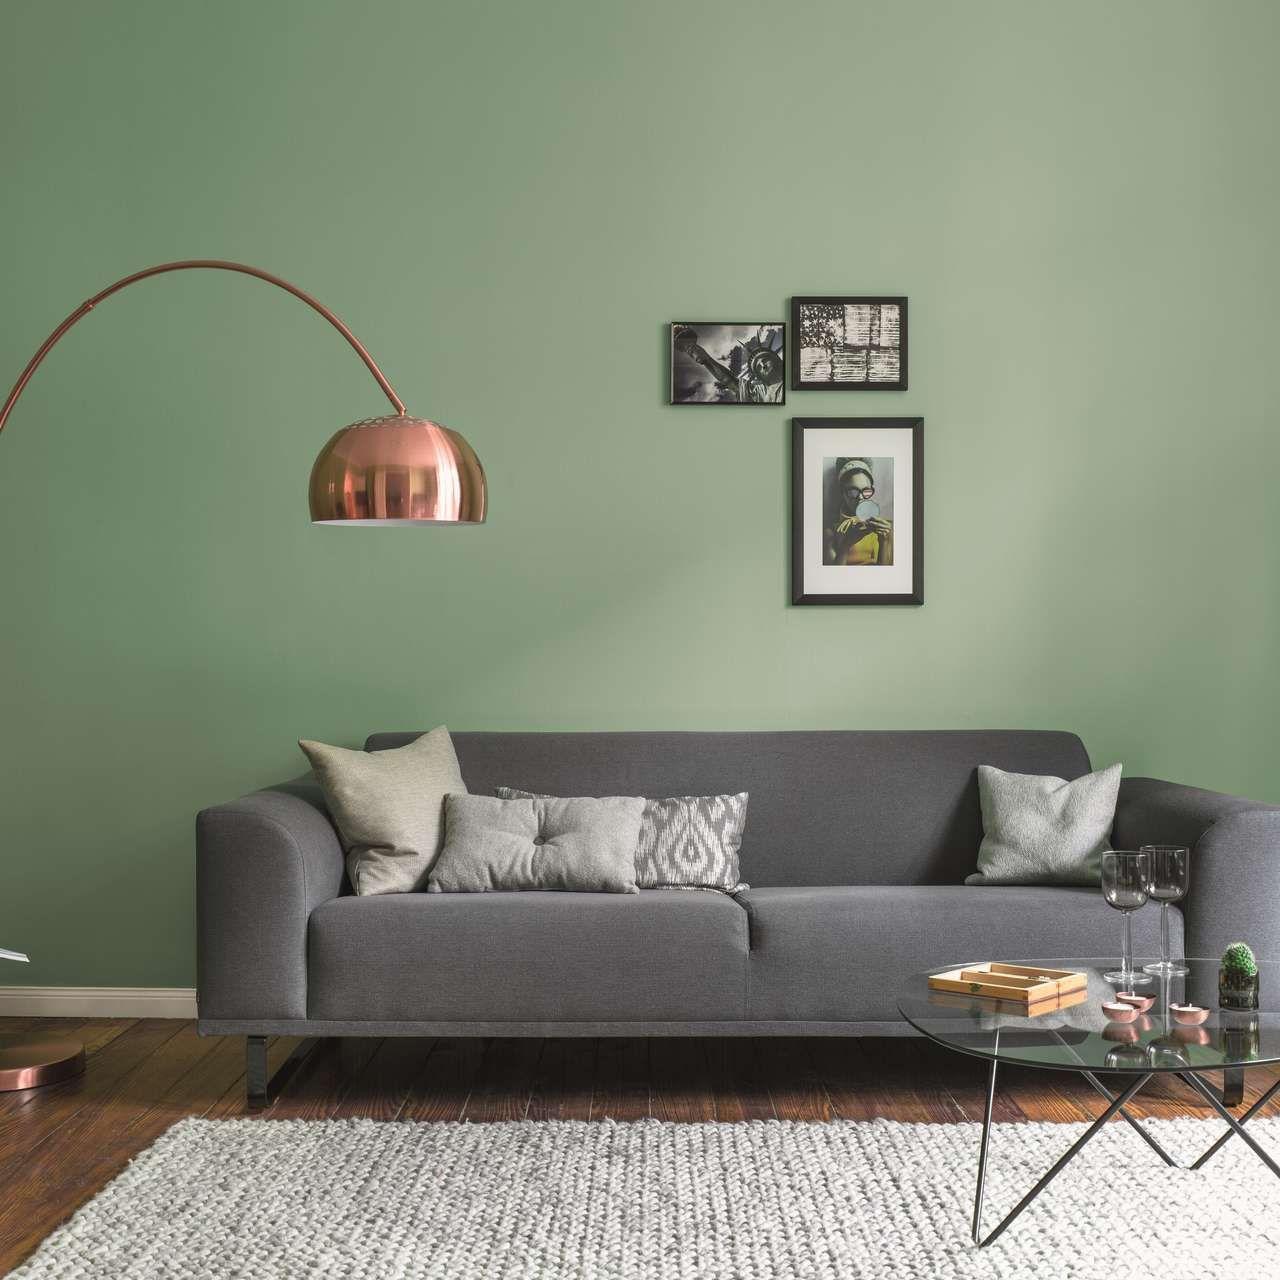 Ideen Und Tipps Fur Farbkombinationen Und Einrichtungen Alpina Farben Alpina Wandfarbe Wandfarbe Wohnzimmer Grune Wohnzimmer